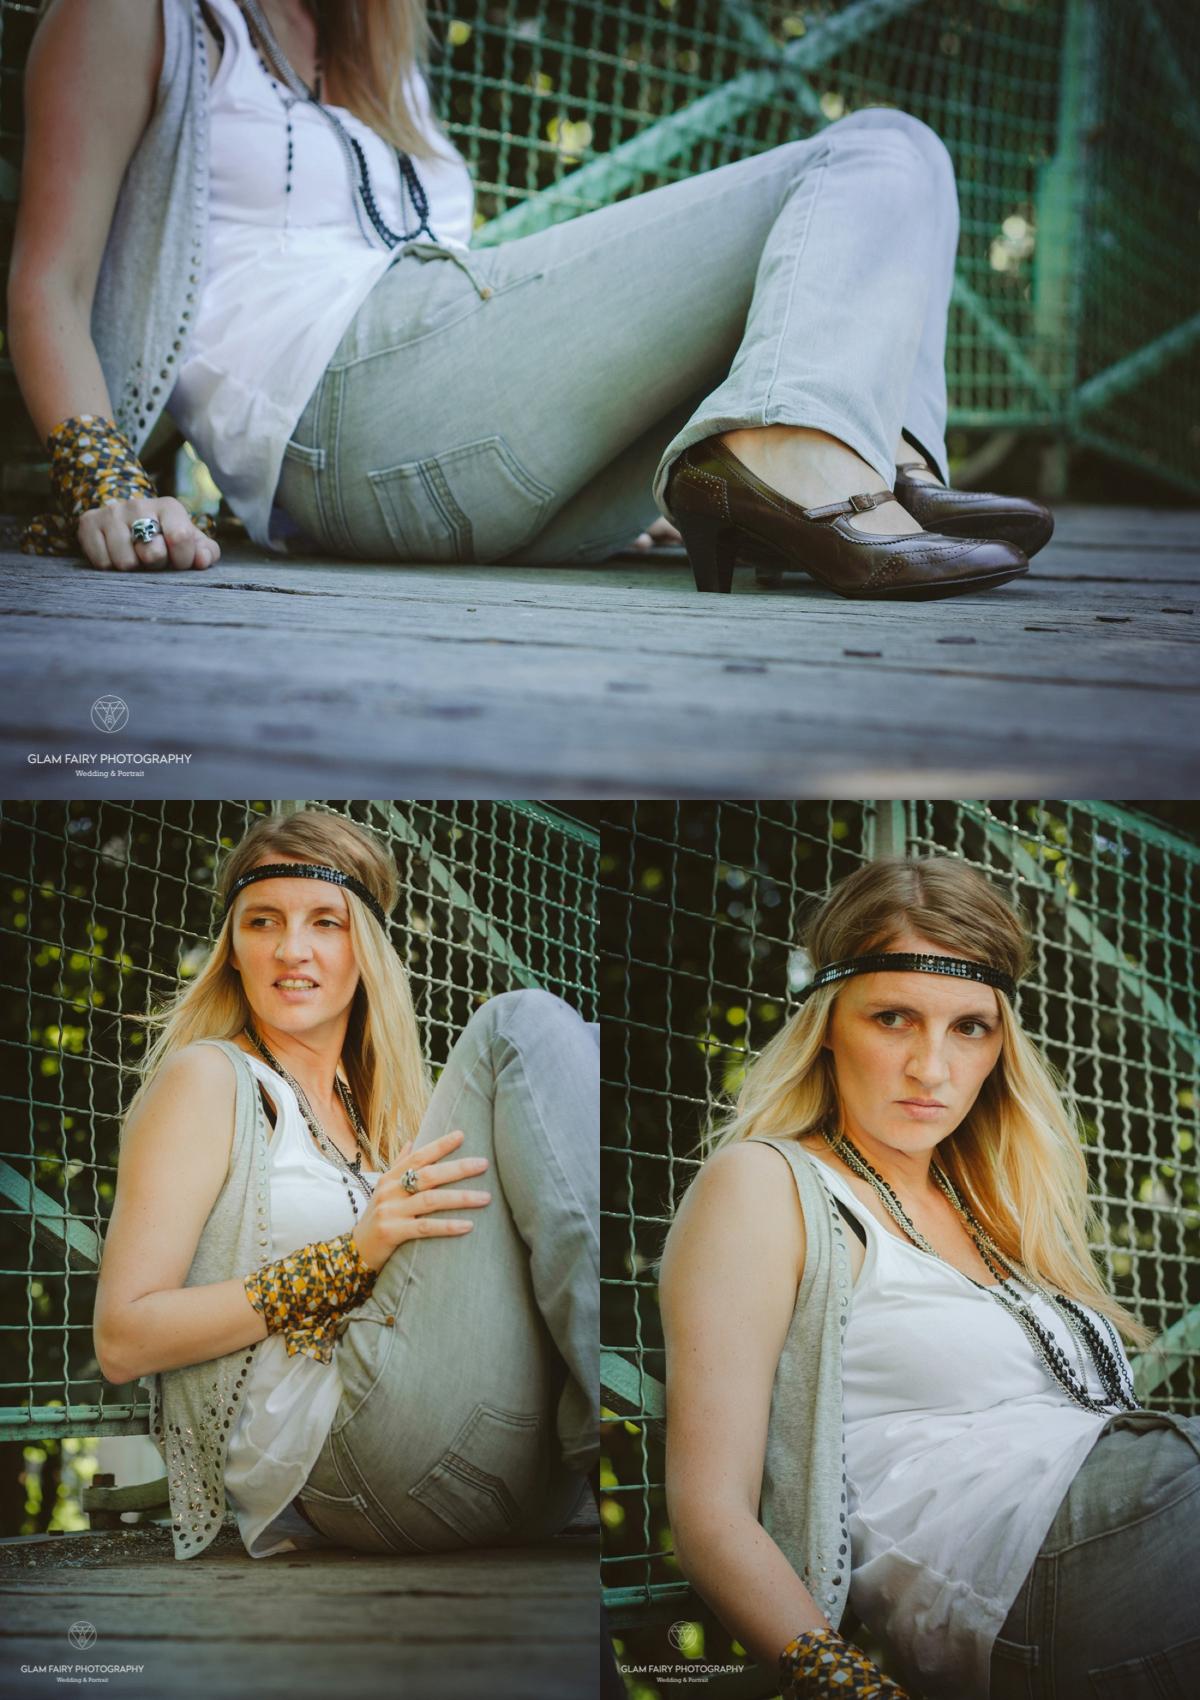 GlamFairyPhotography-seance-portrait-femme-hippie-chic-paris-sophie_0008